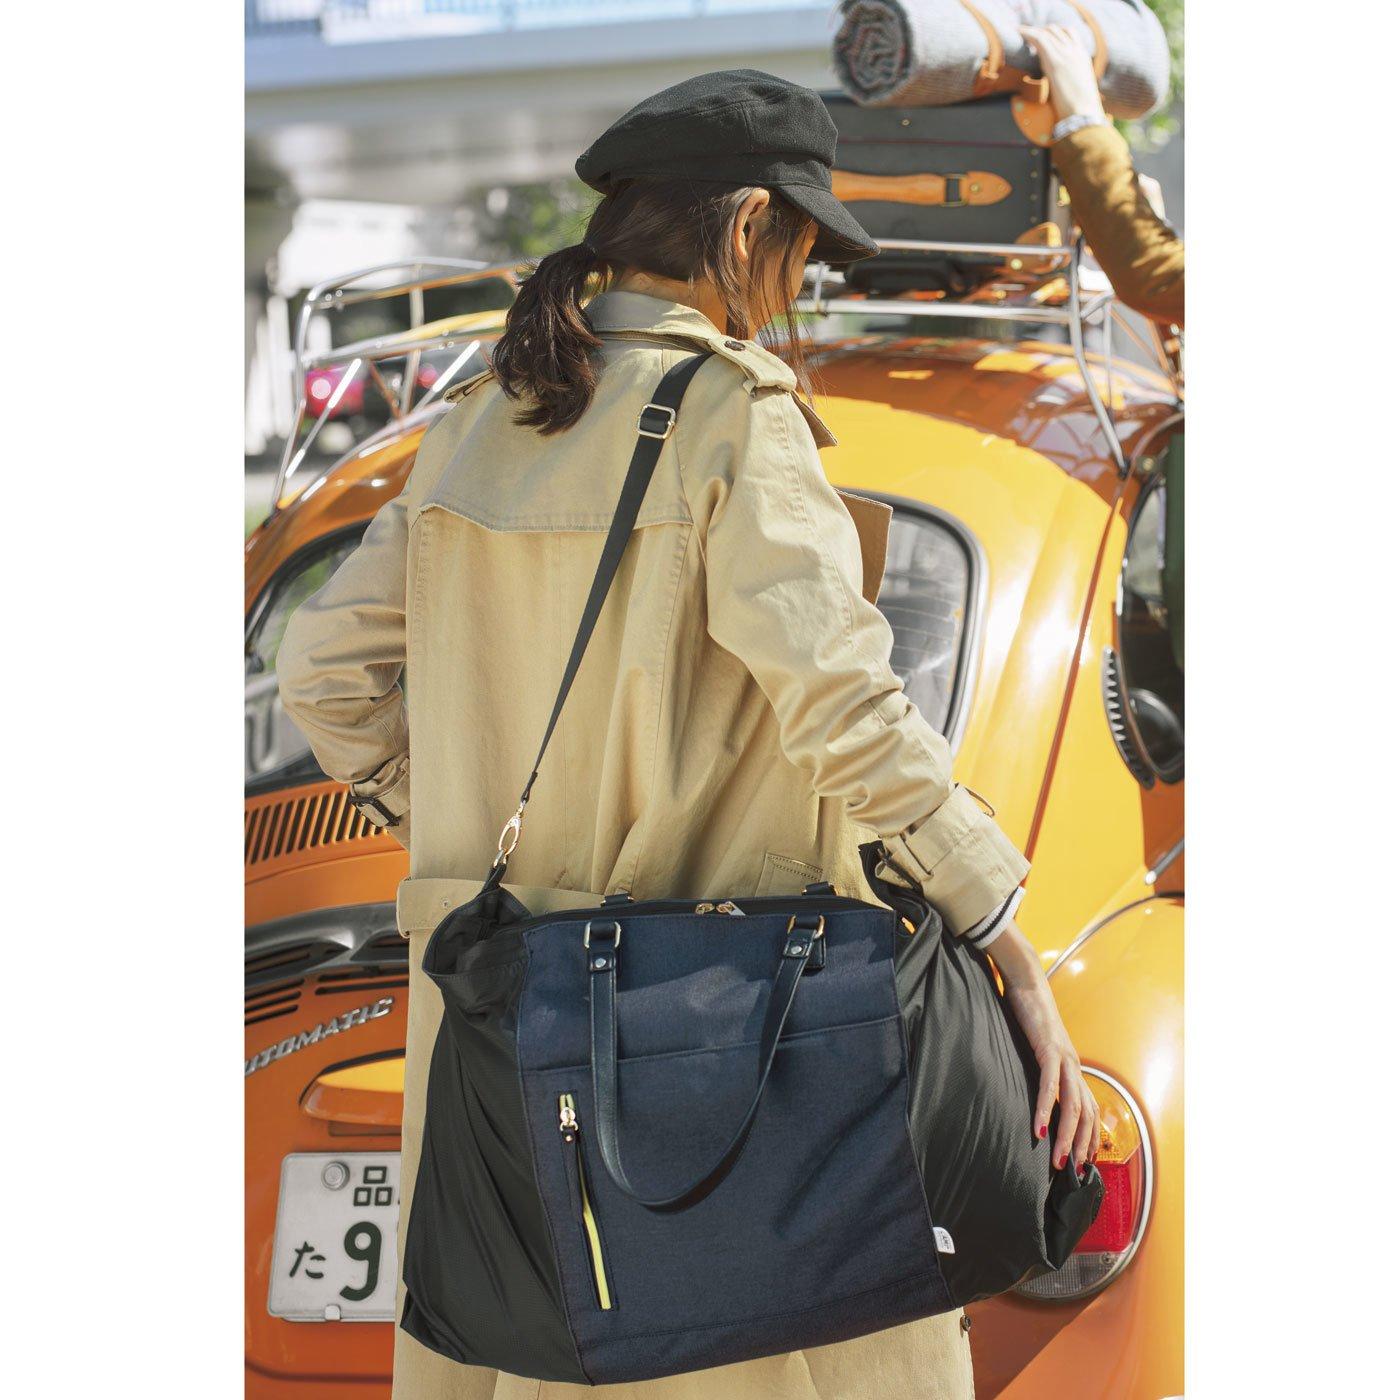 ラミプリュス サブバッグいらず 荷物に合わせてサイズが変わるサイドロールバッグの会